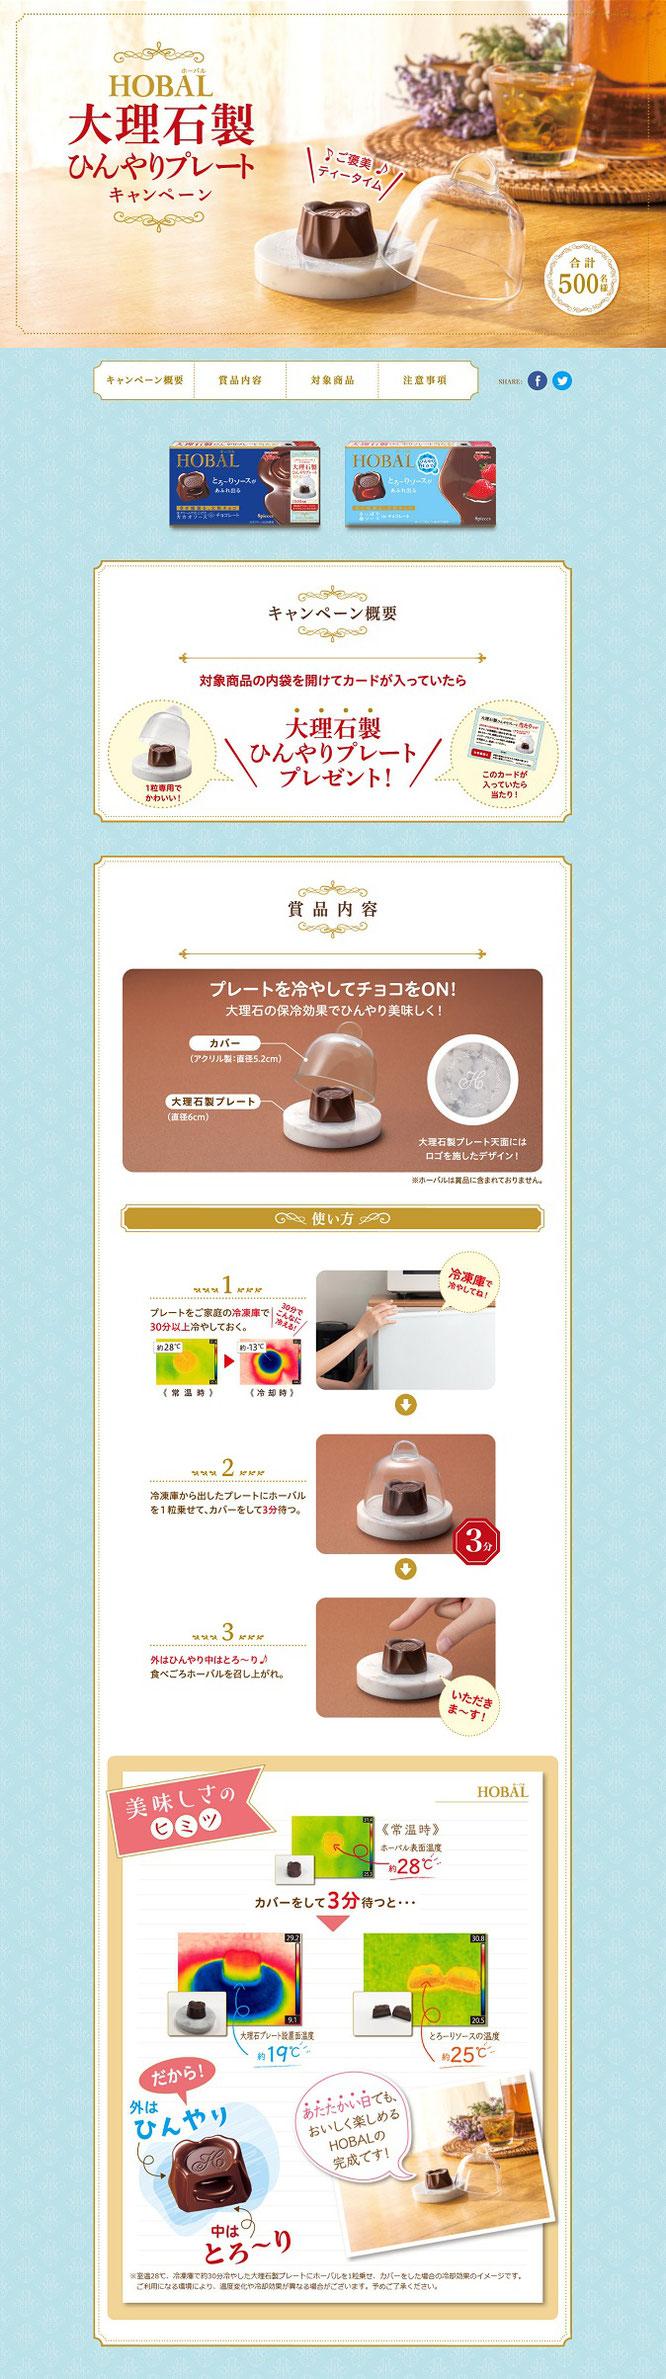 【グリコ】HOBAL 大理石製ひんやりプレートプレゼントキャンペーン